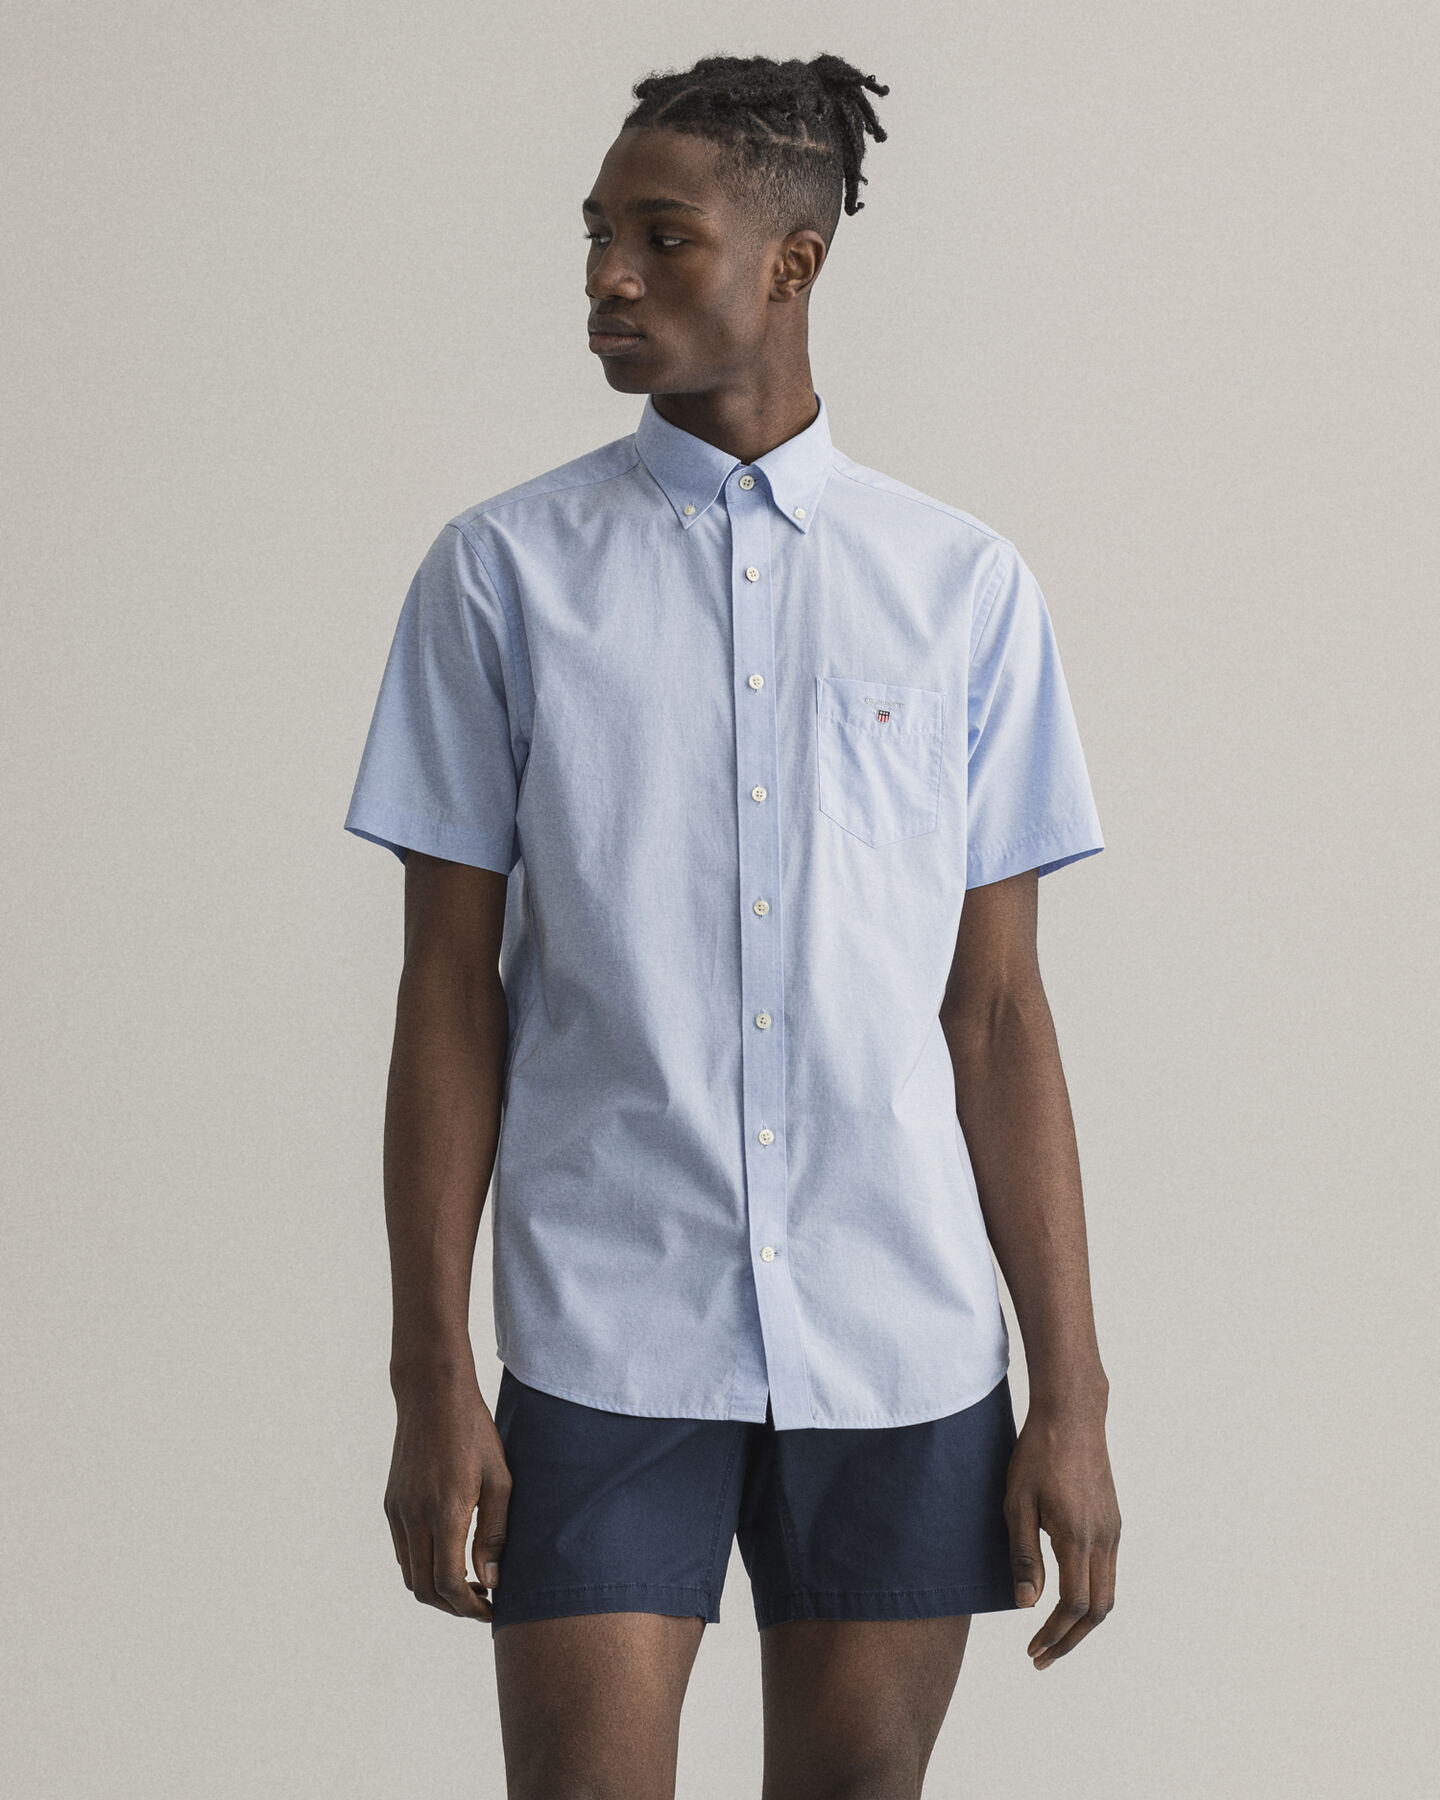 Regular fit kortärmad poplinskjorta